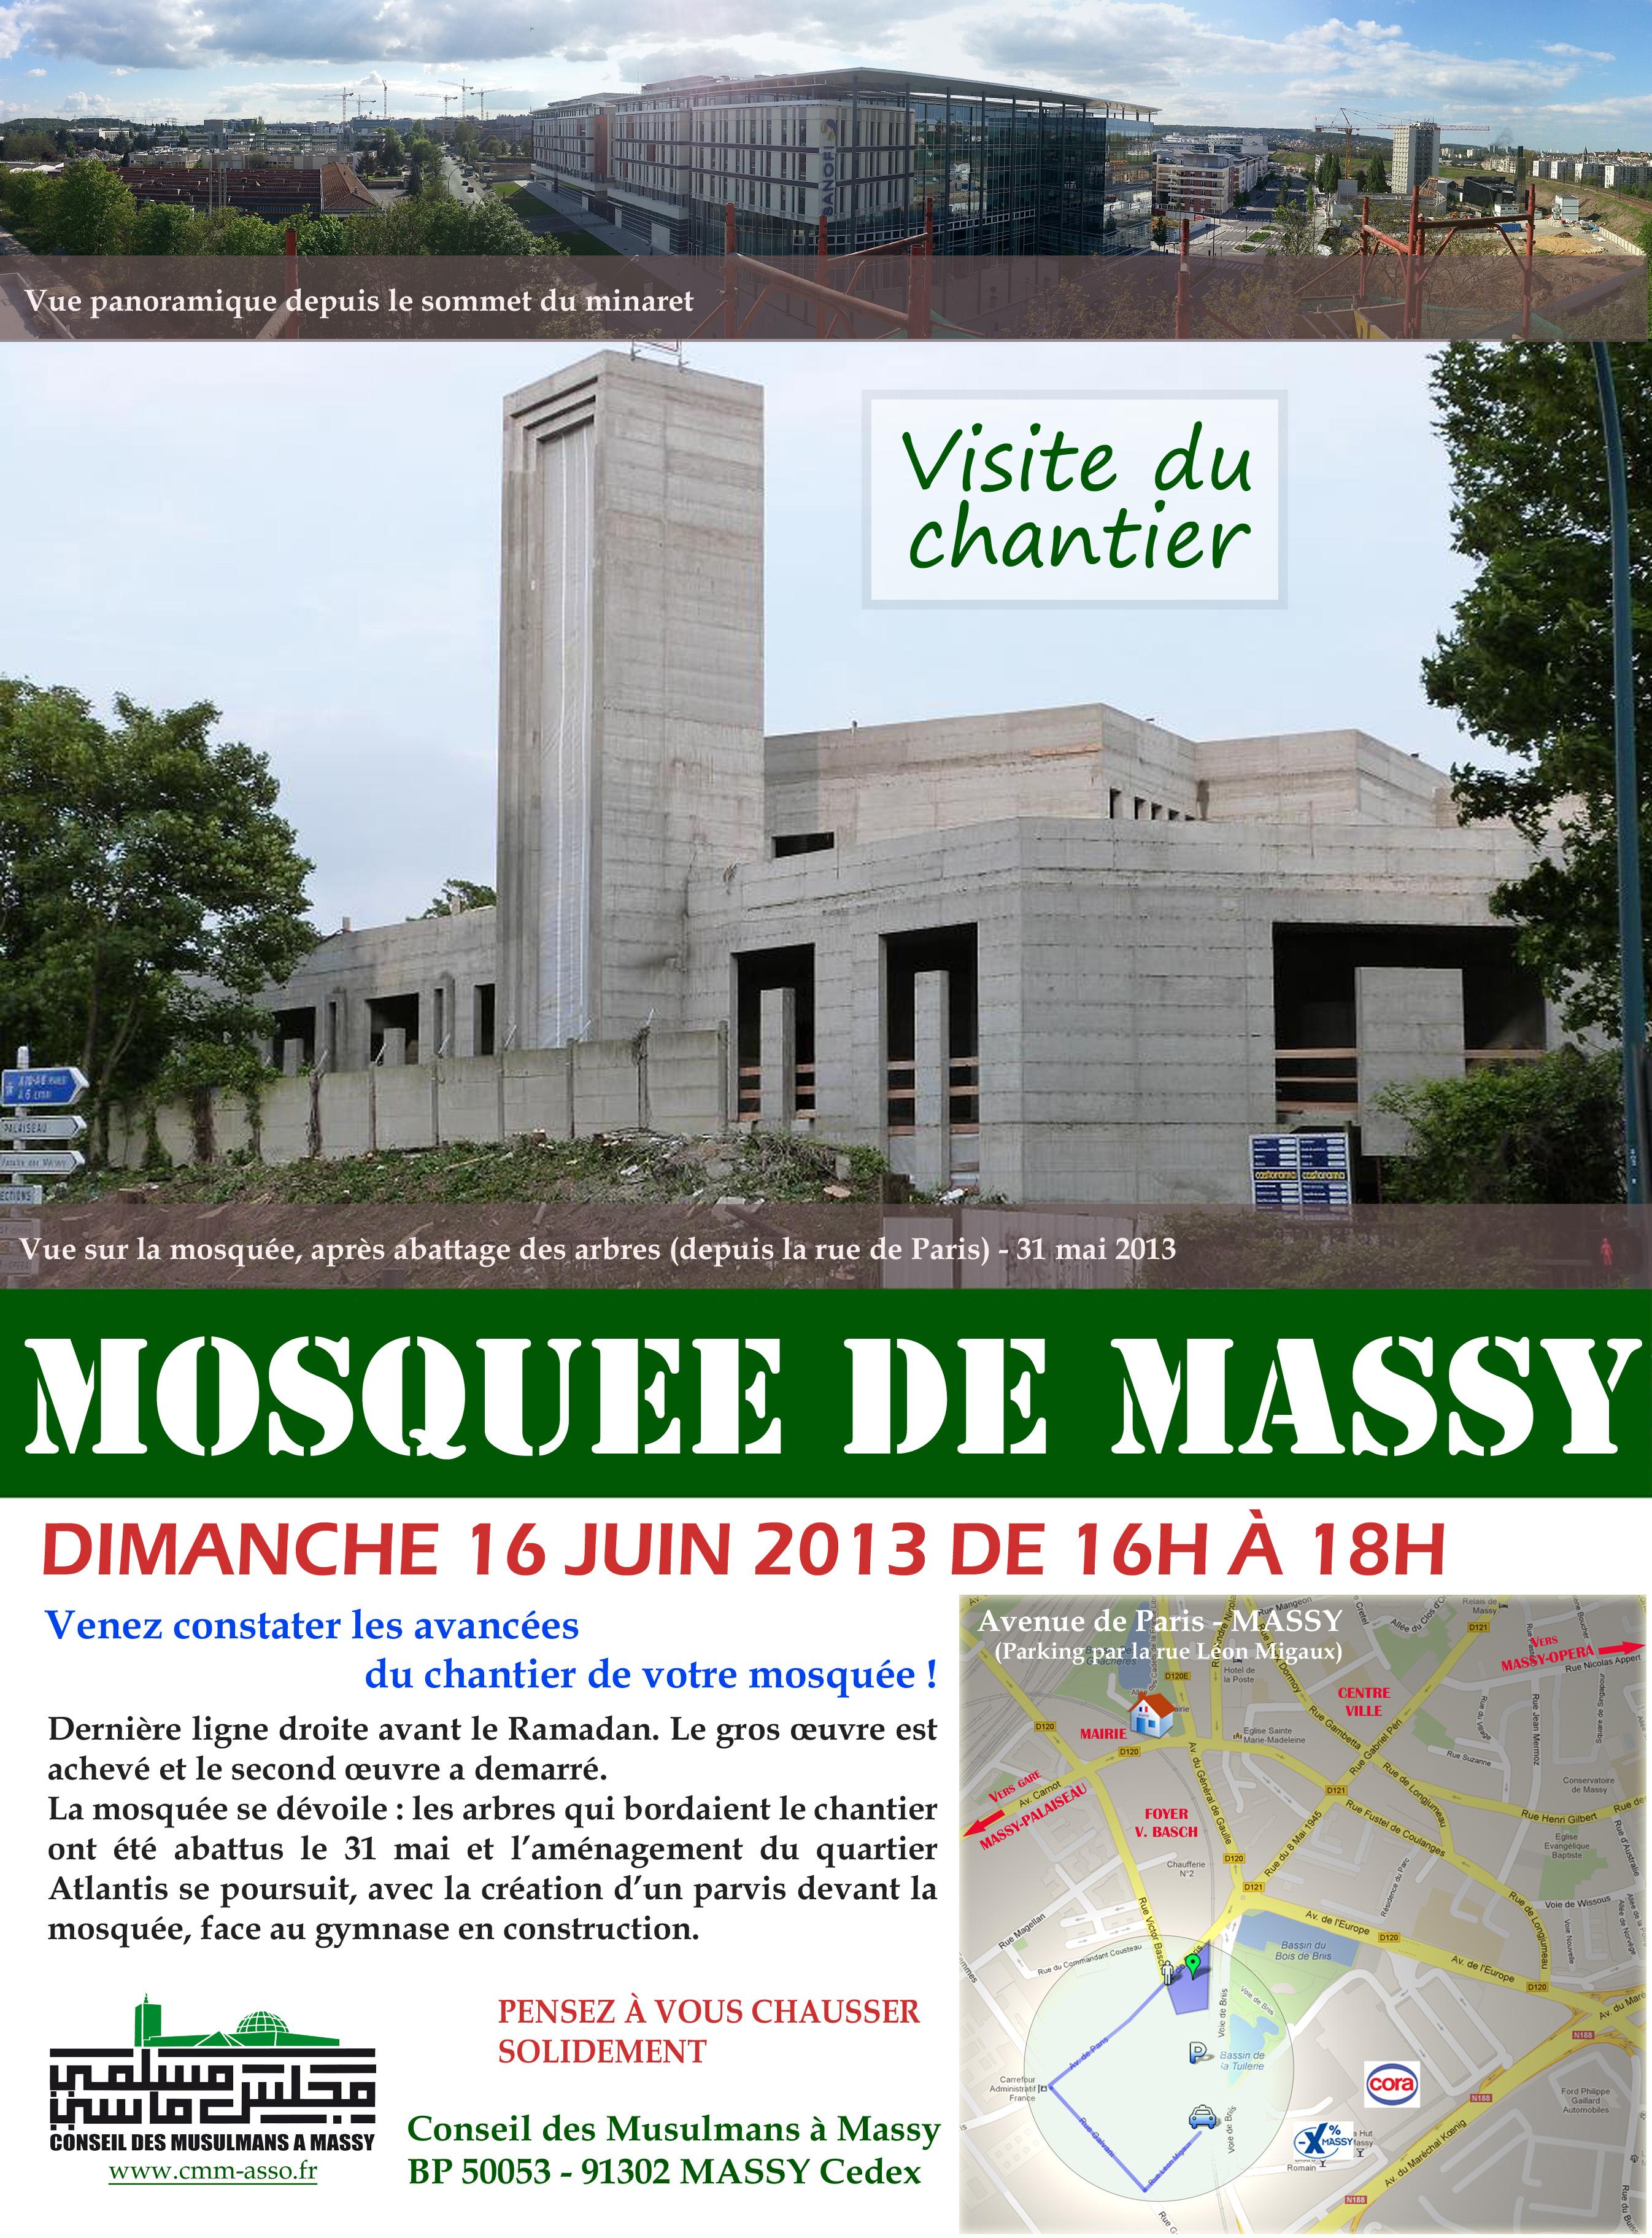 Affiche visite du chantier de la mosquée de Massy - Dim. 16/06/2013